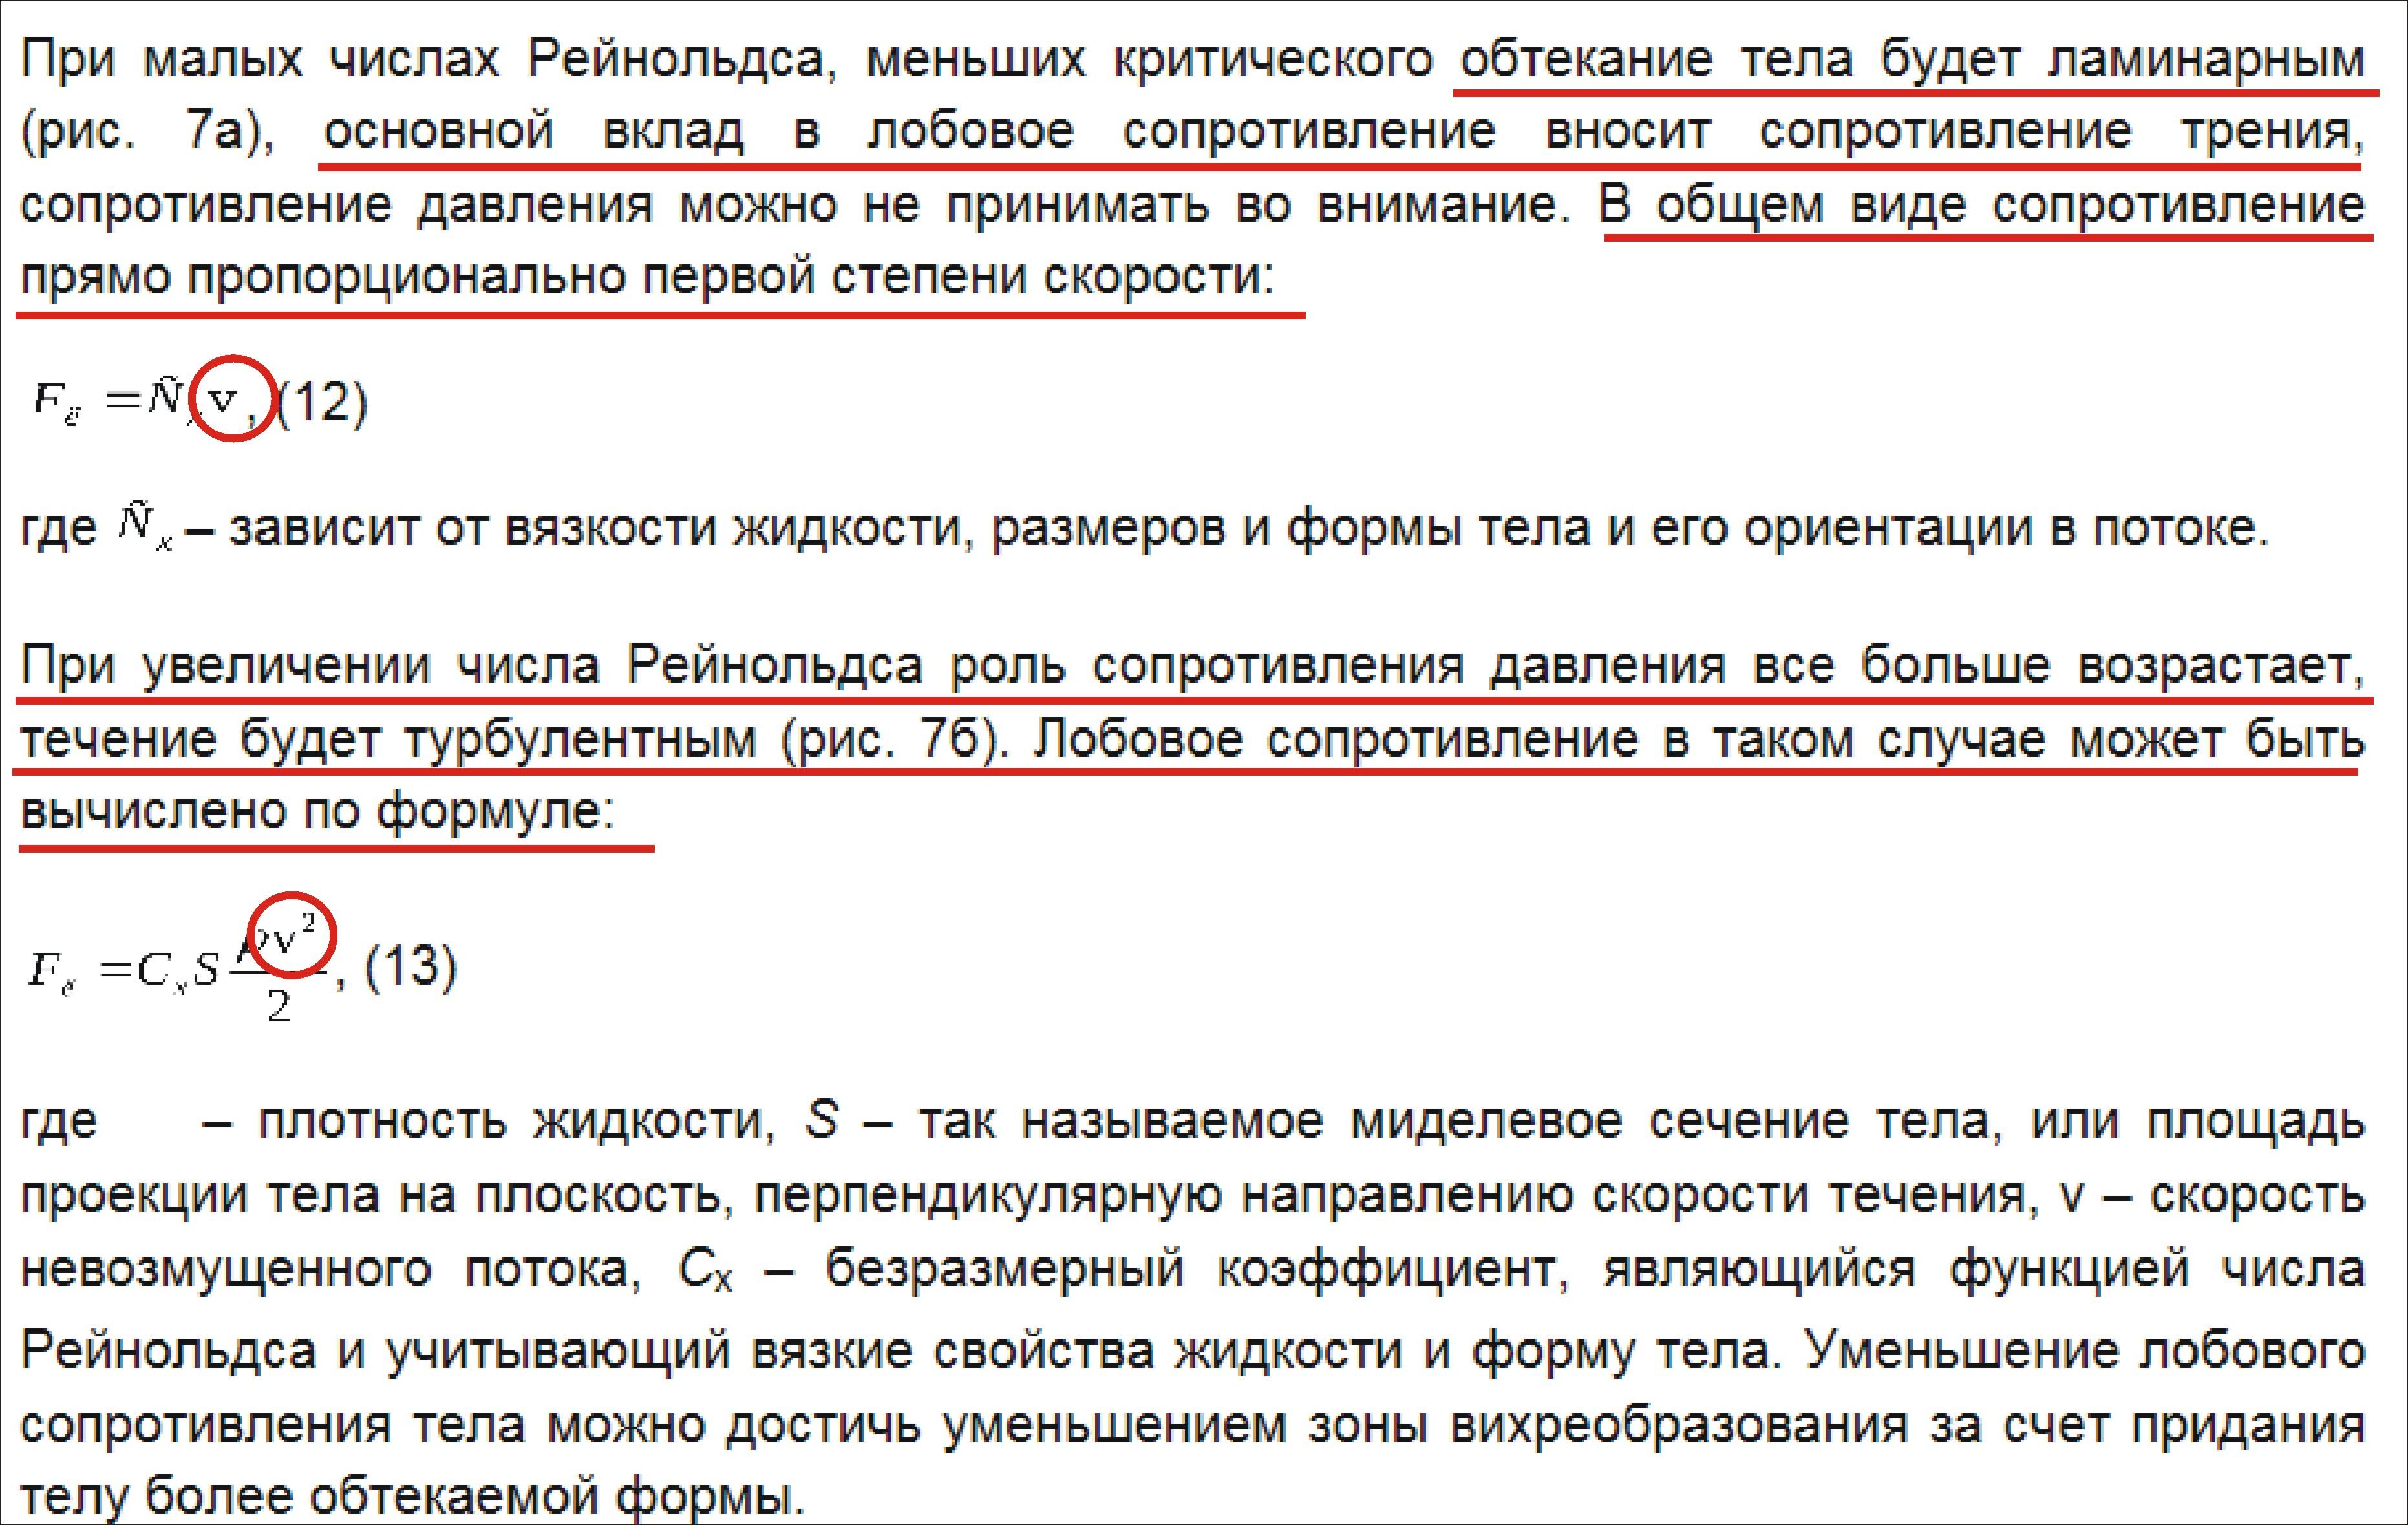 http://images.vfl.ru/ii/1511894022/2d02b83b/19607642.jpg